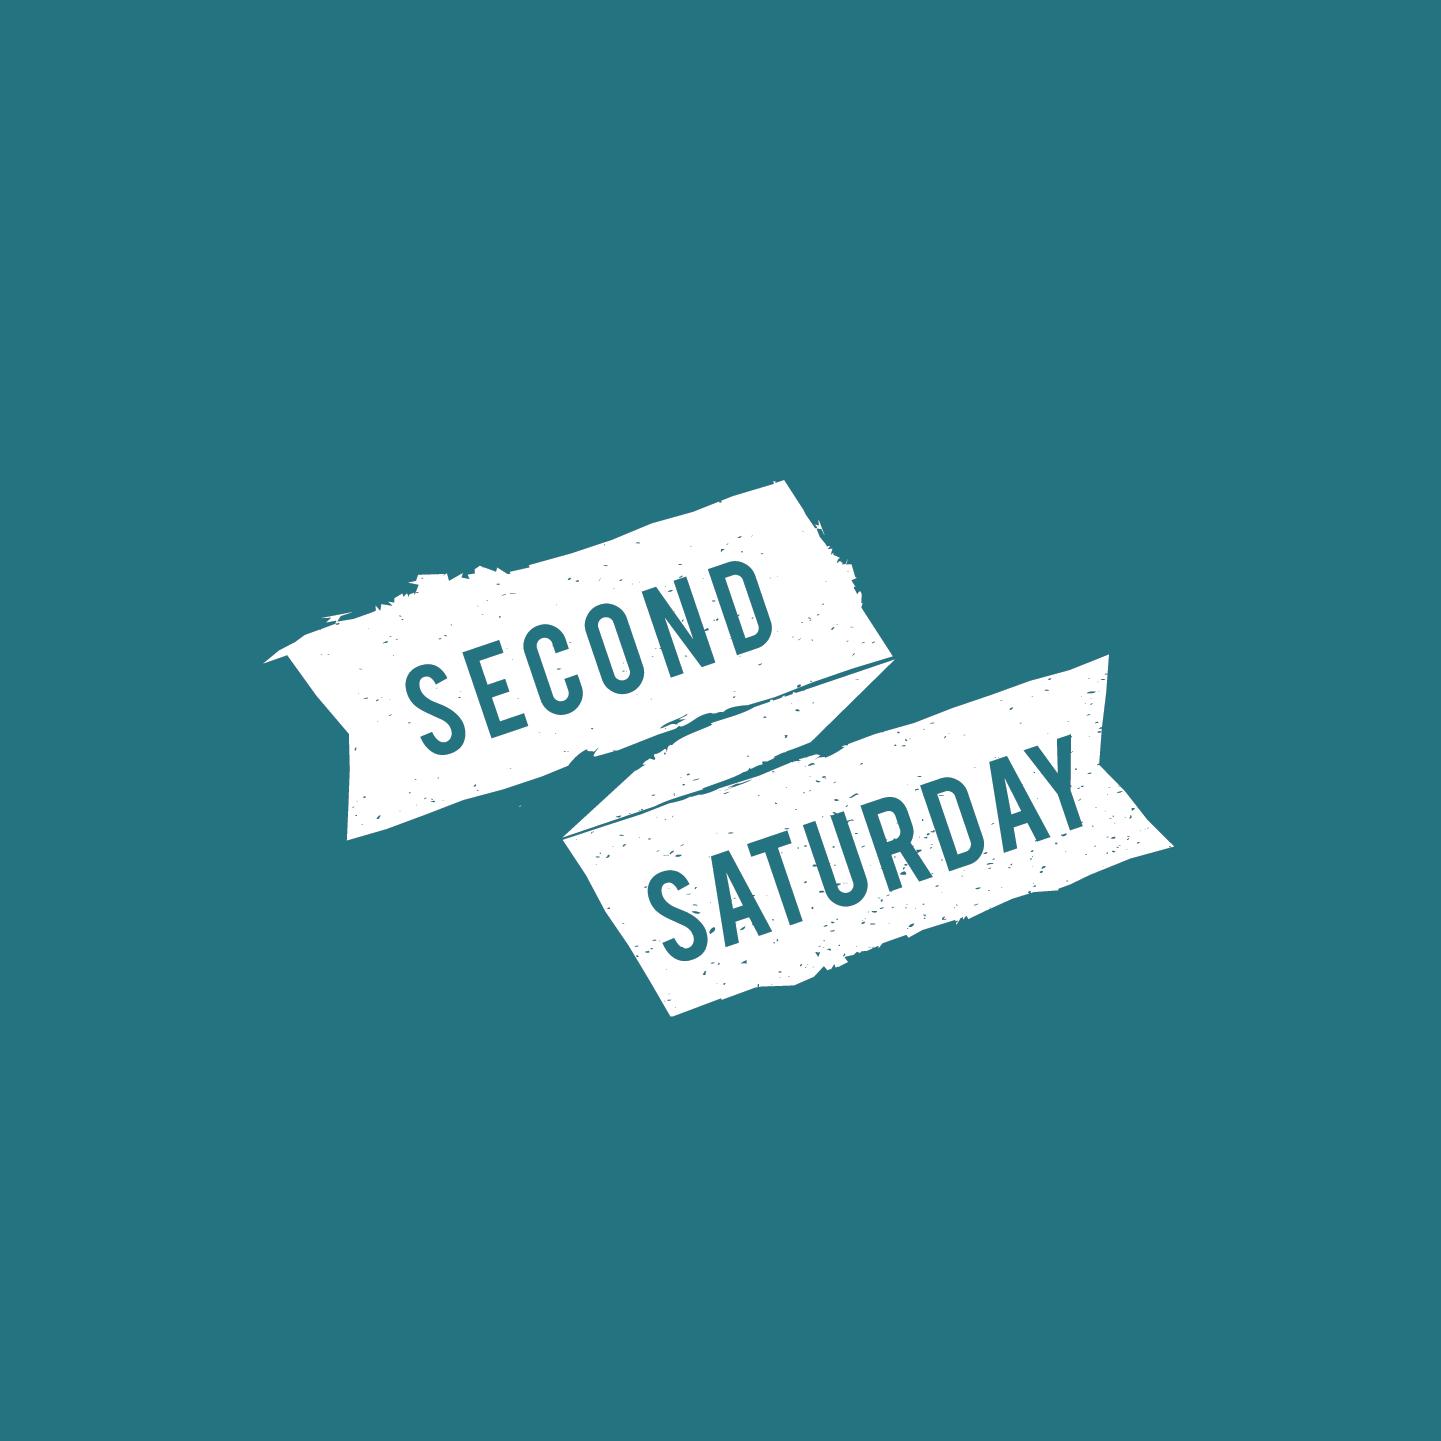 SS_April_Square_Logo_1.png